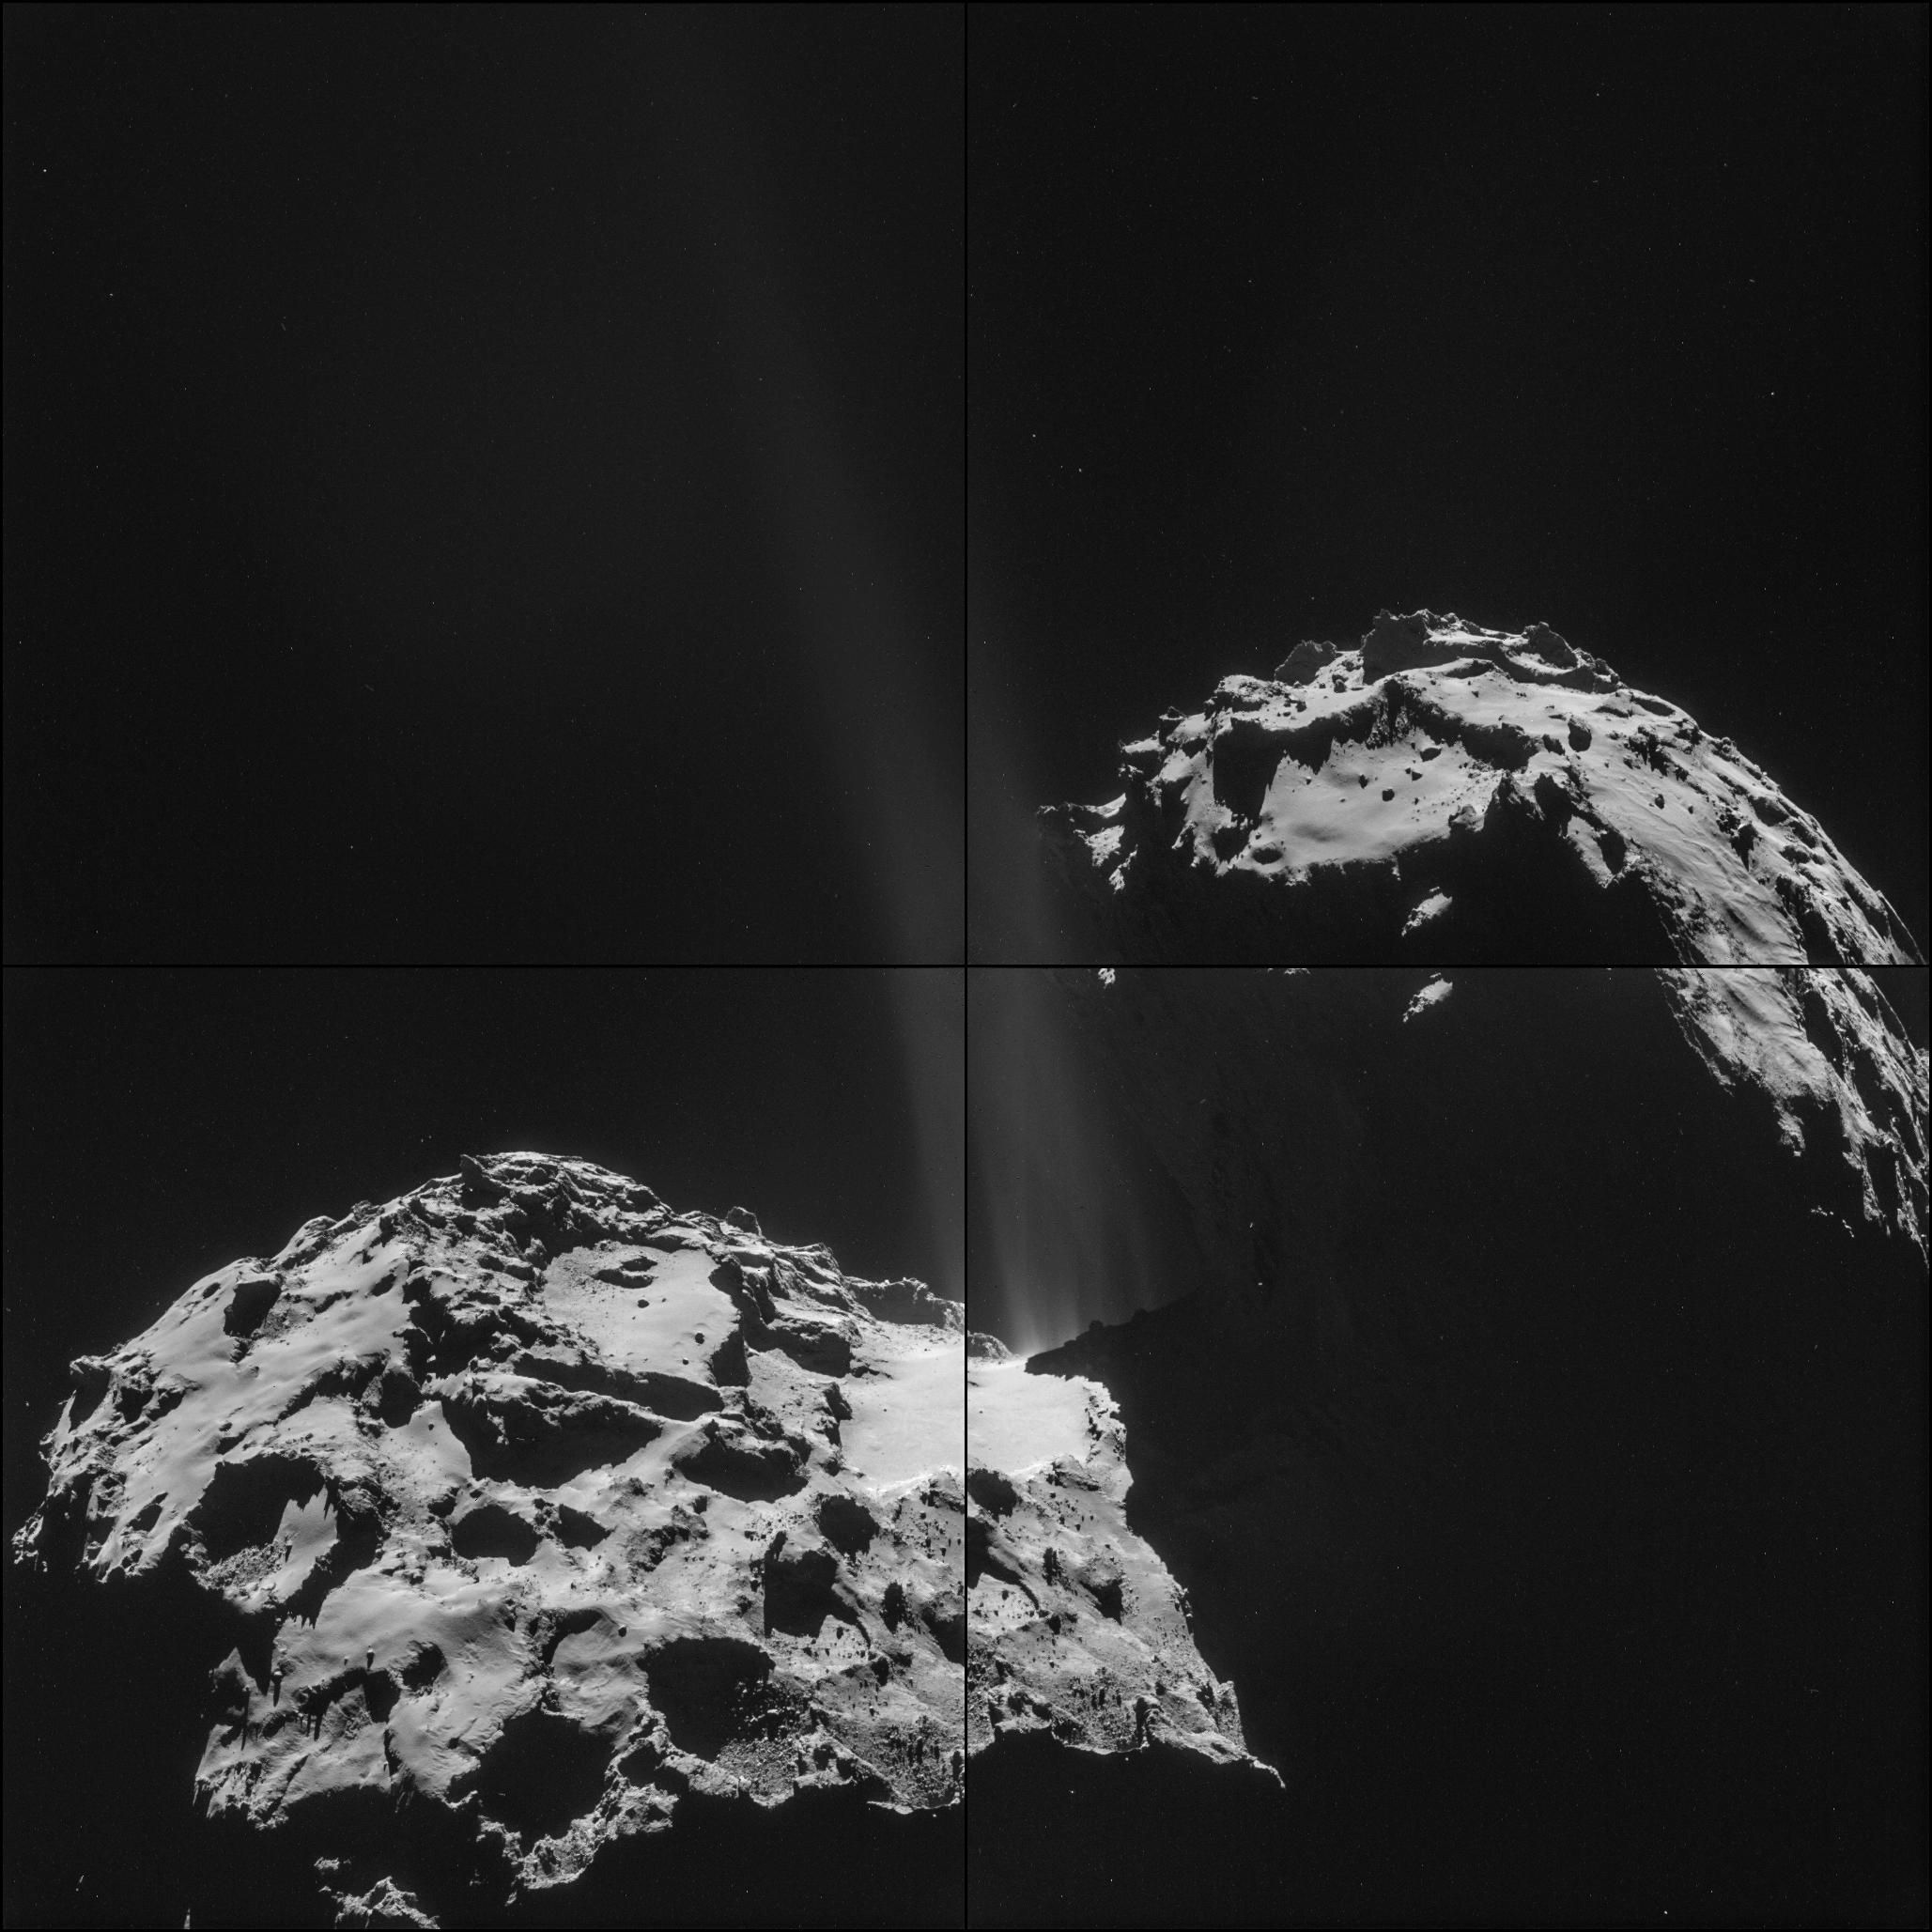 Comet_on_26_September_NavCam.jpg